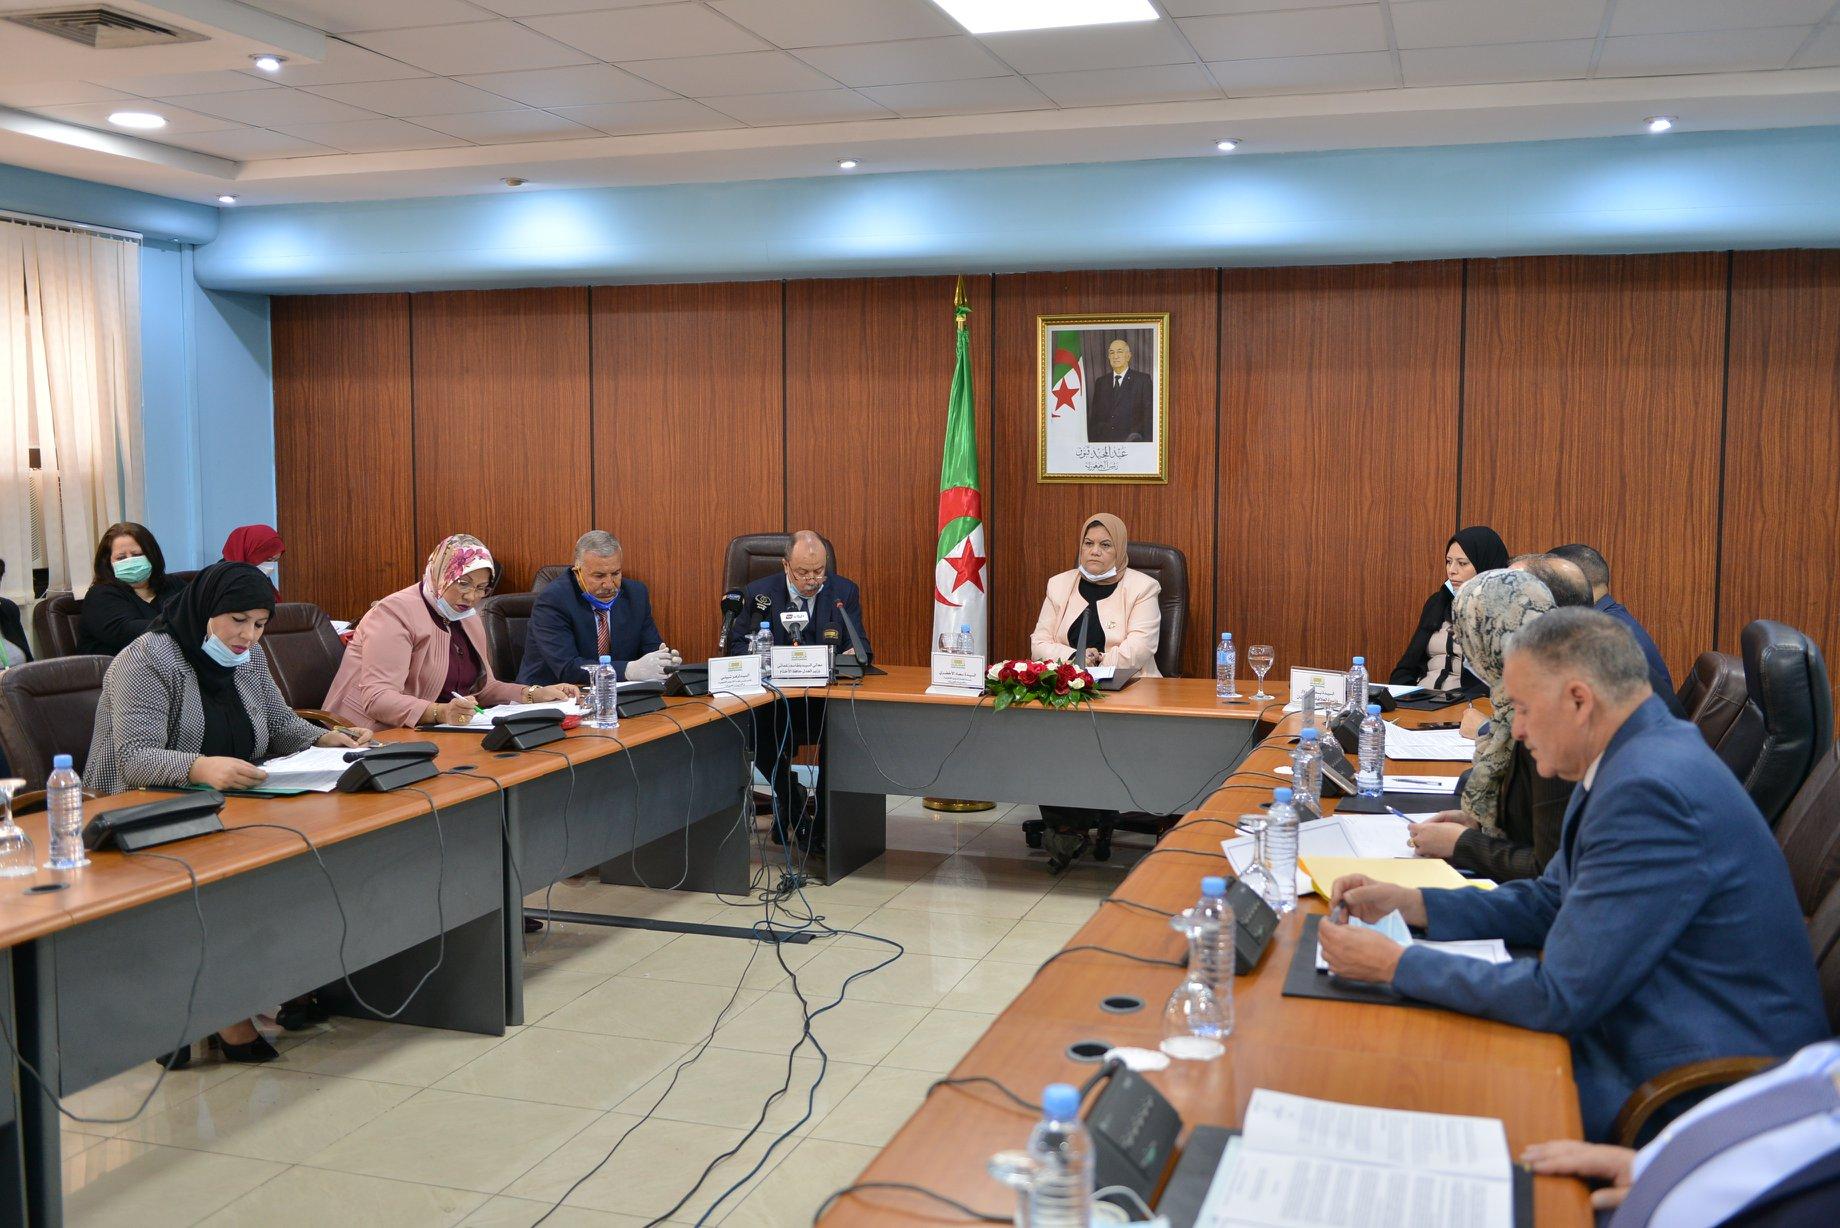 صورة زغماتي: أشكال جديدة للإجرام باتت تهدد الأمن والاستقرار في الجزائر